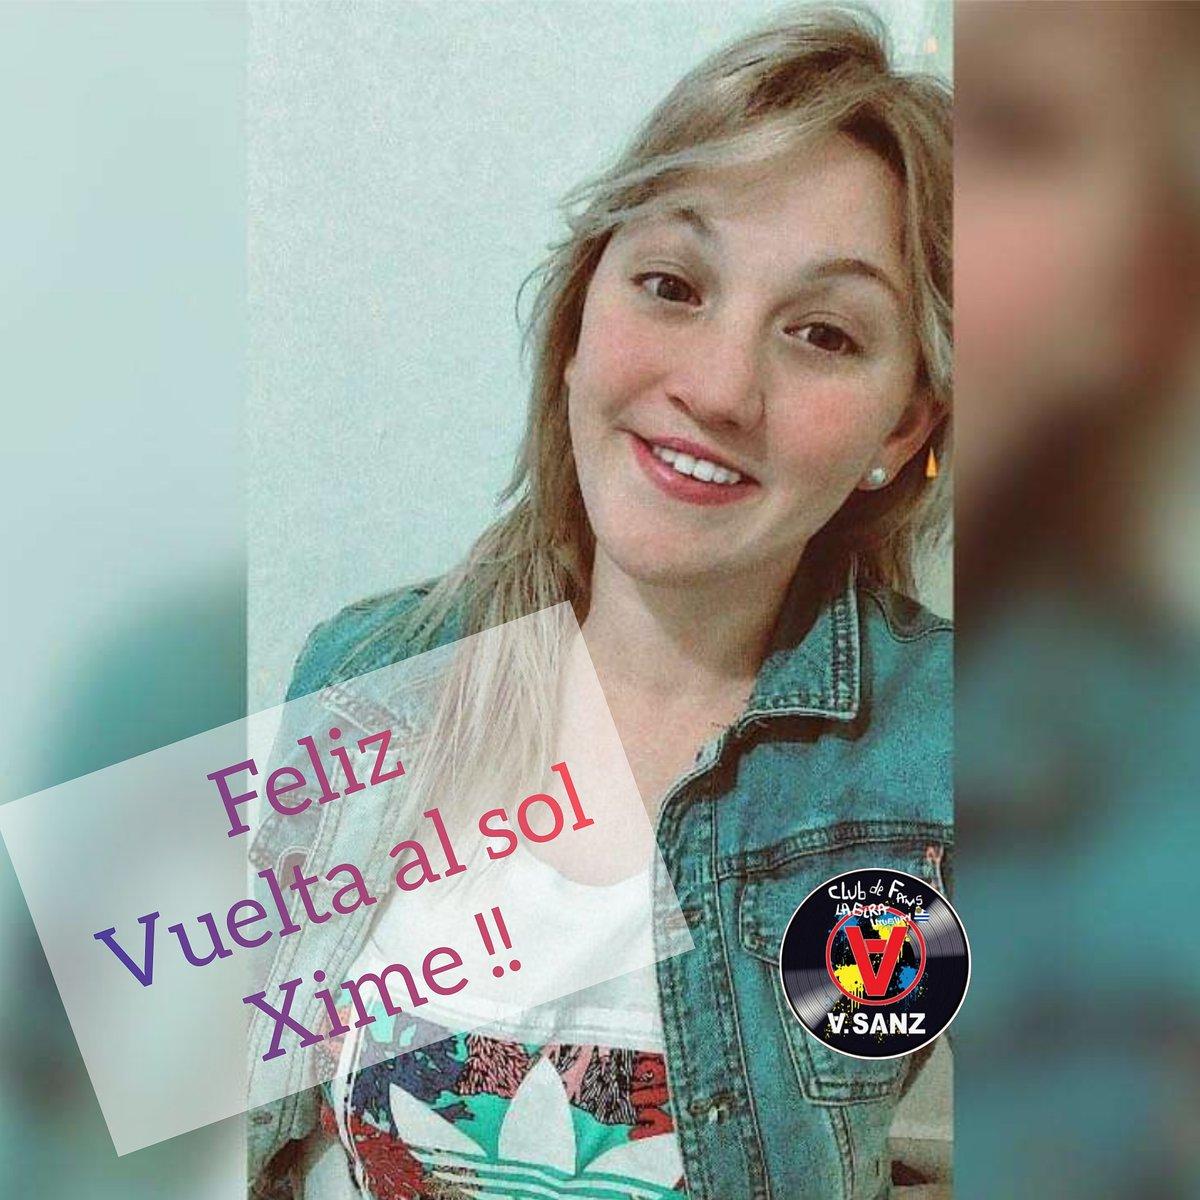 Hoy es el cumpleaños de nuestra @ximebarz !!! Que pases hermoso tu día 😘 #CumpleañoSanzero #SomosLoQueSoñamos  #ElMundoFueraLaPelícula #LaGiraUruguay🇺🇾 #elveranoquevivimos  #elmundofuera  #lagira2021   #UruguayDeSanz🇺🇾 #UnBesoEnMadrid #LiveStreamASanz  @AlejandroSanz